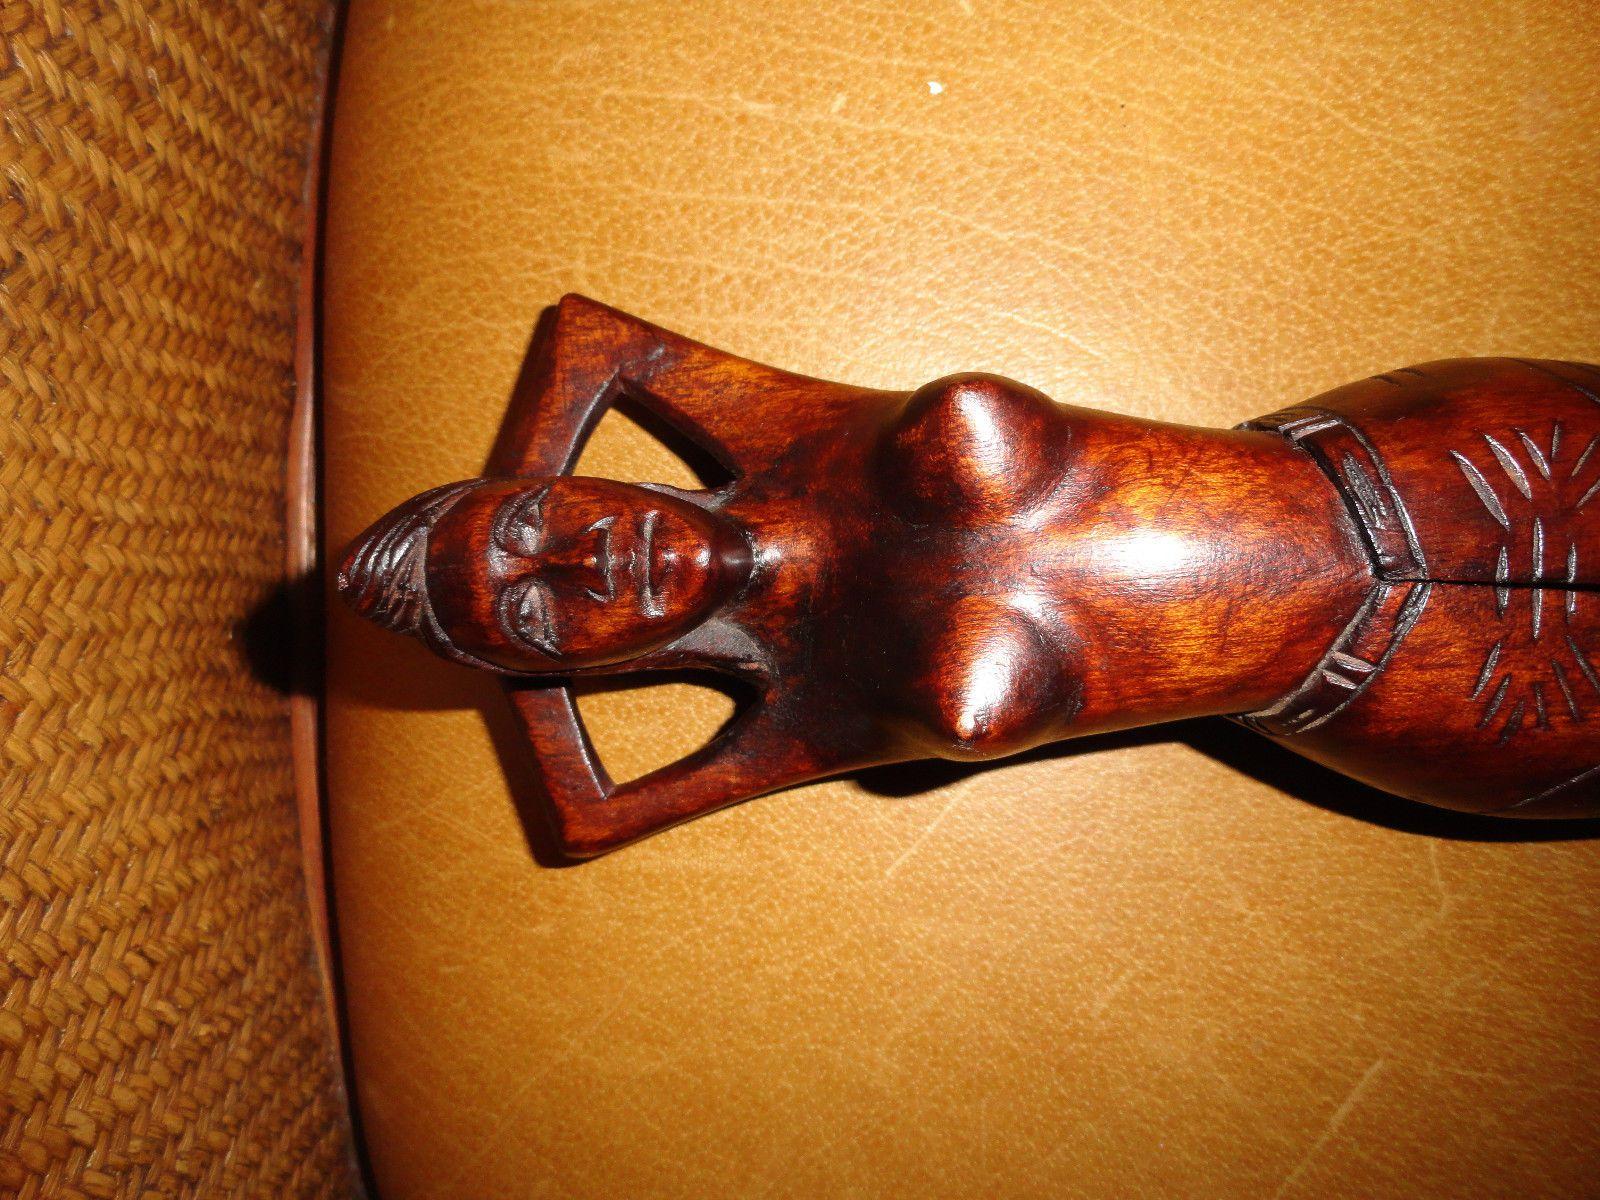 Antiguidade Polinésio Nu Mulher Tribal Madeira Nogueira Artesanal Quebra-nozes, Taiti in Artigos antigos, Etnográficas, Ilhas do Pacífico e Oceania | eBay